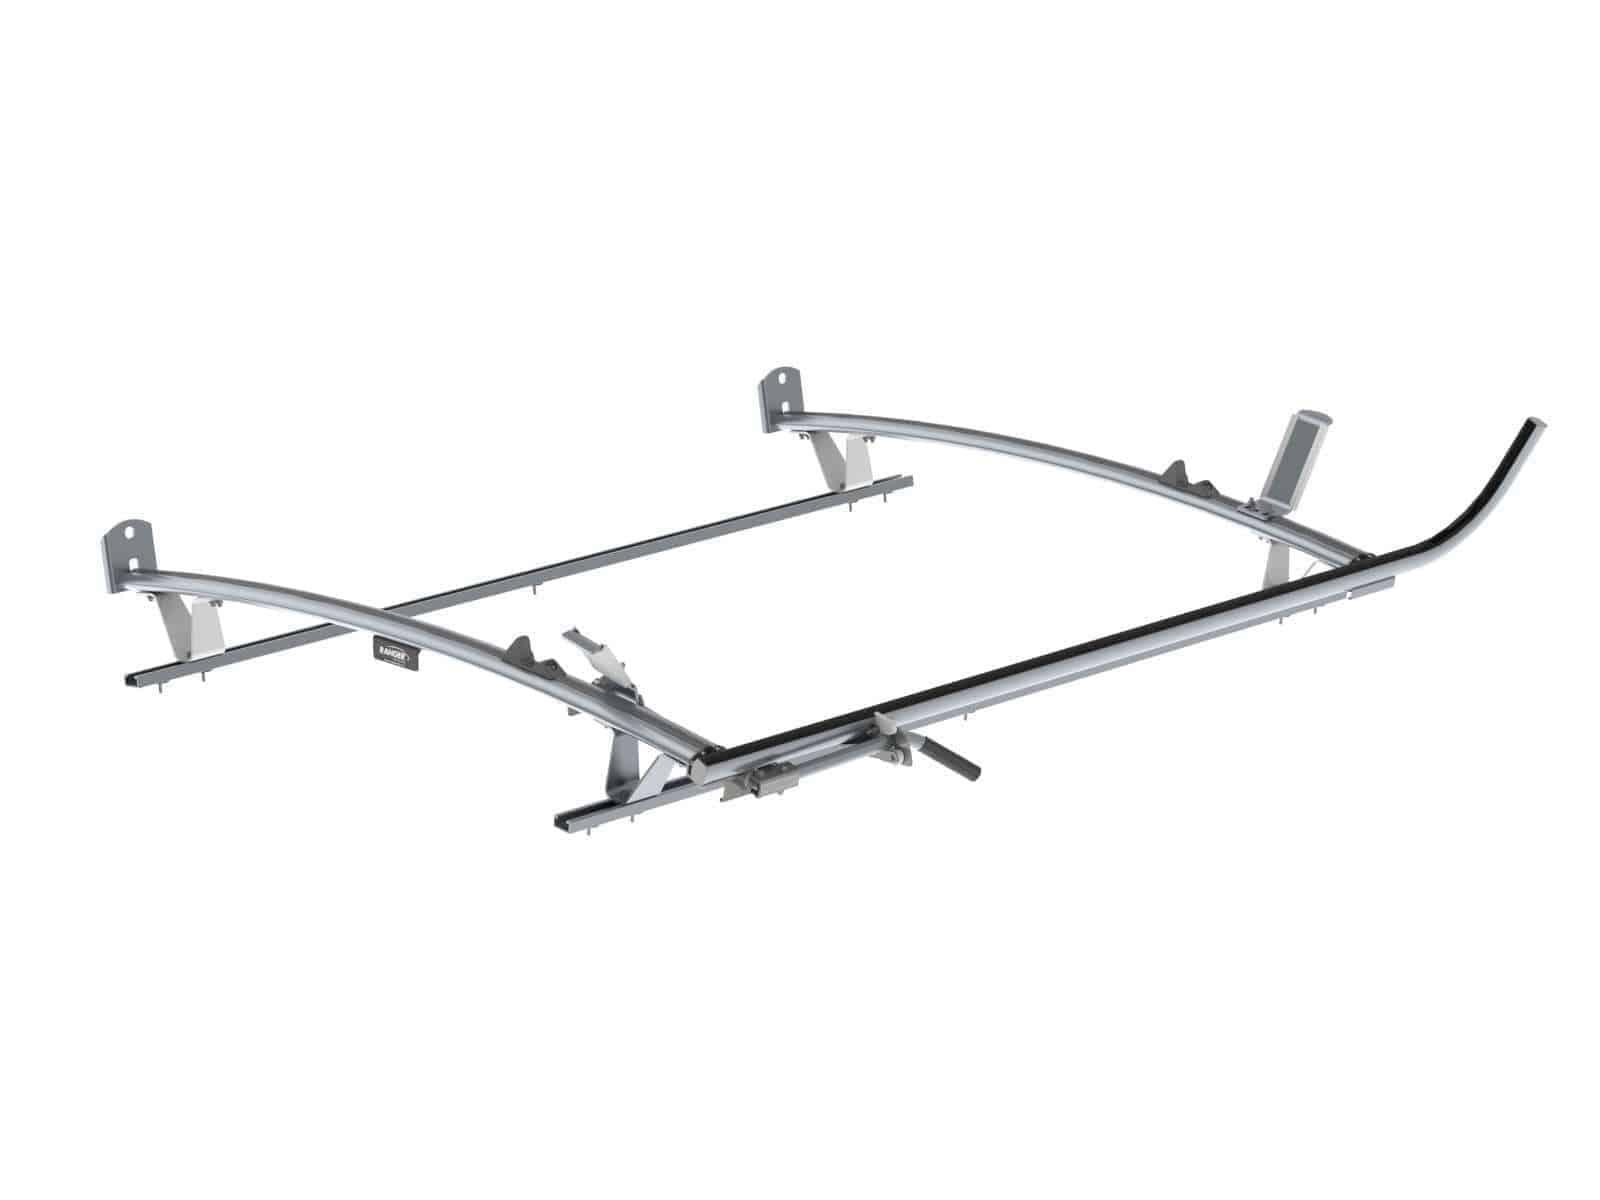 Single Side Ranger Ladder Rack 2 Bar System Ram